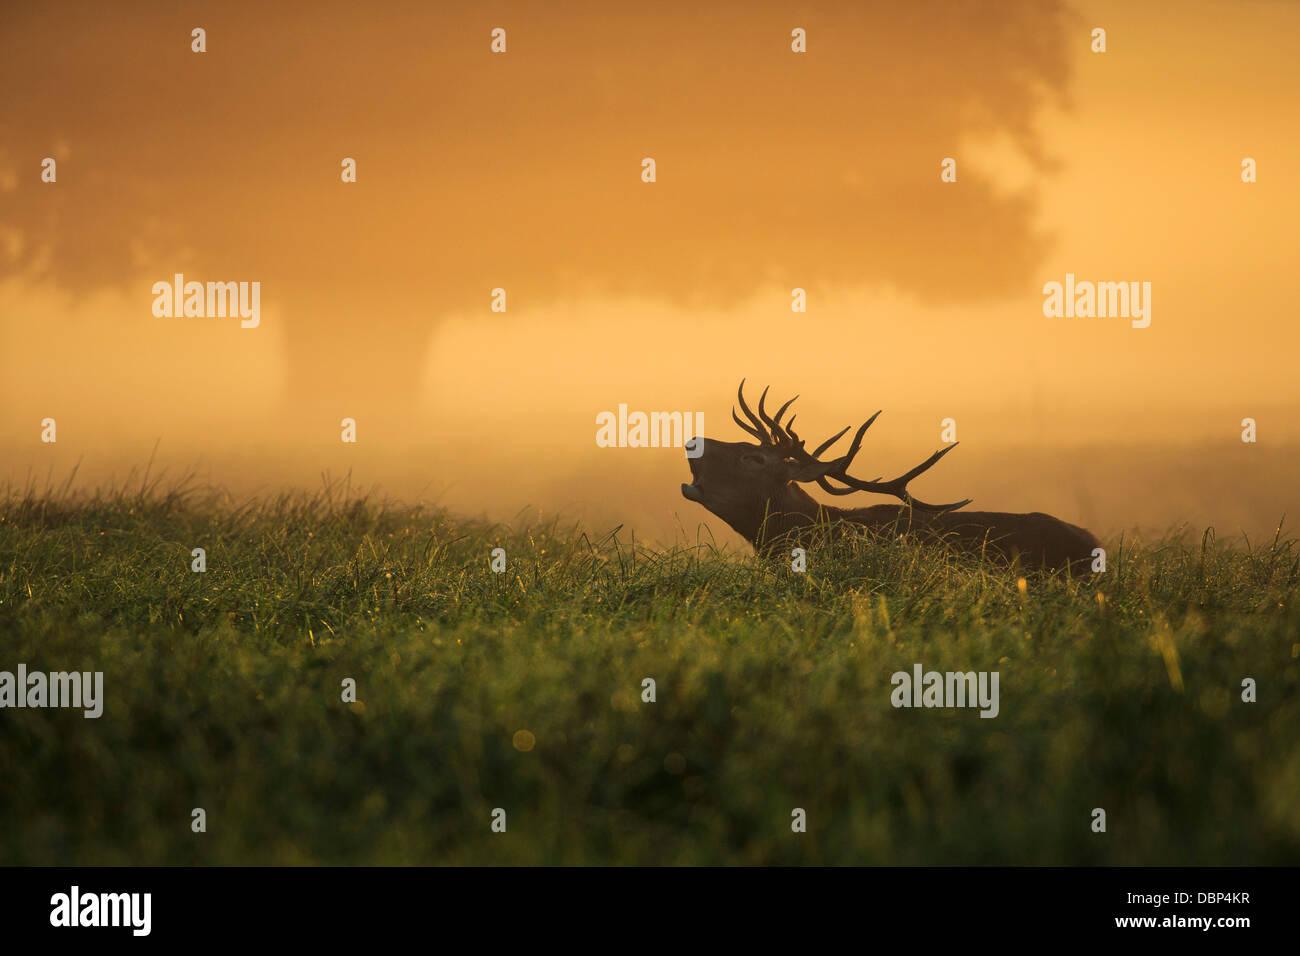 Despedida de soltero en el campo al amanecer Foto de stock